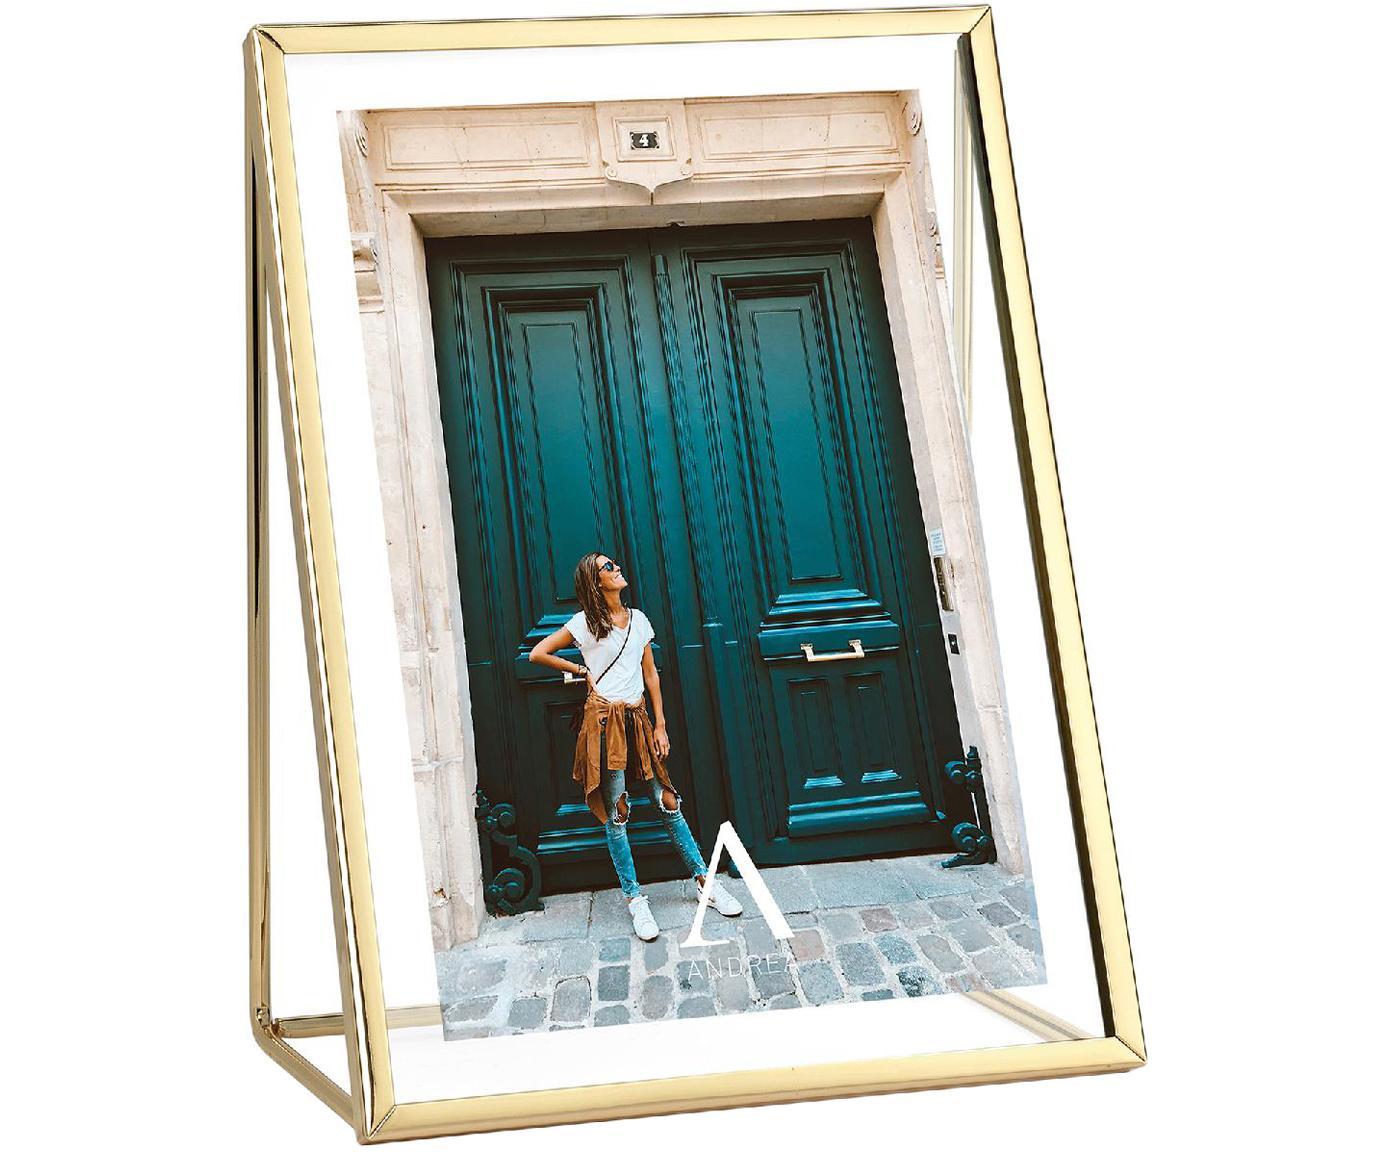 Fotolijstje Memi, Gecoat metaal, Goudkleurig, 13 x 18 cm